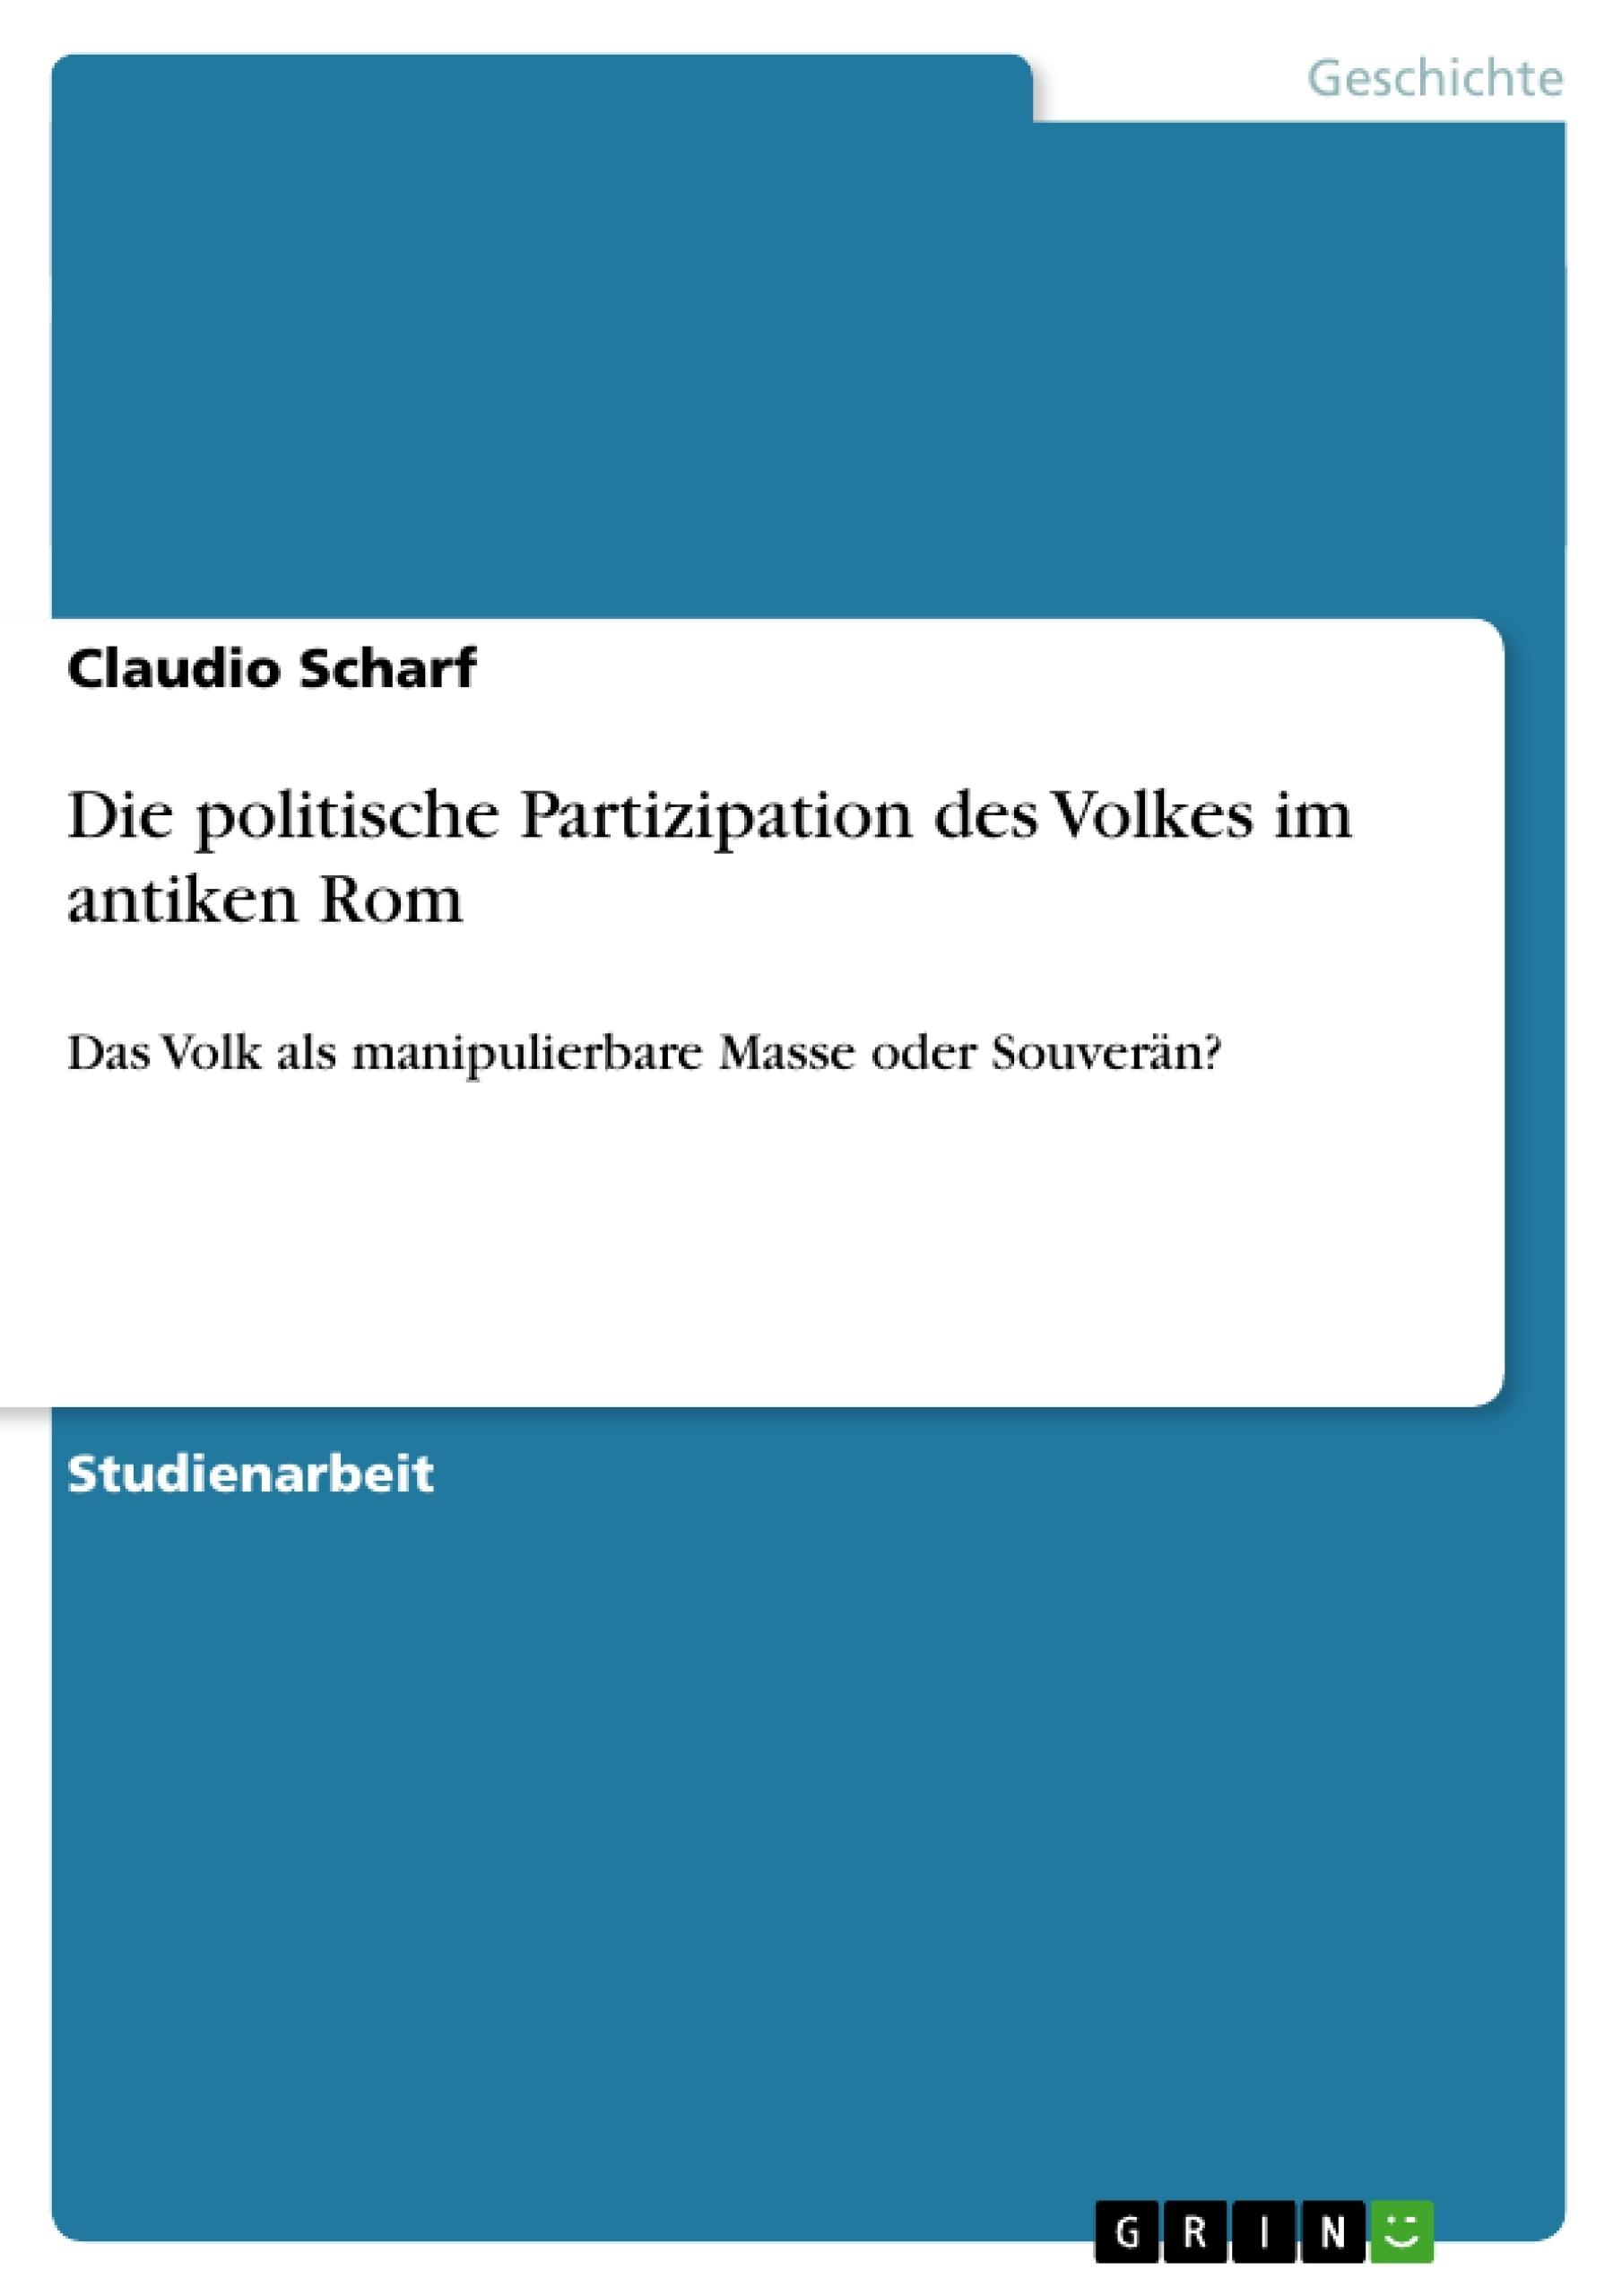 Titel: Die politische Partizipation des Volkes im antiken Rom